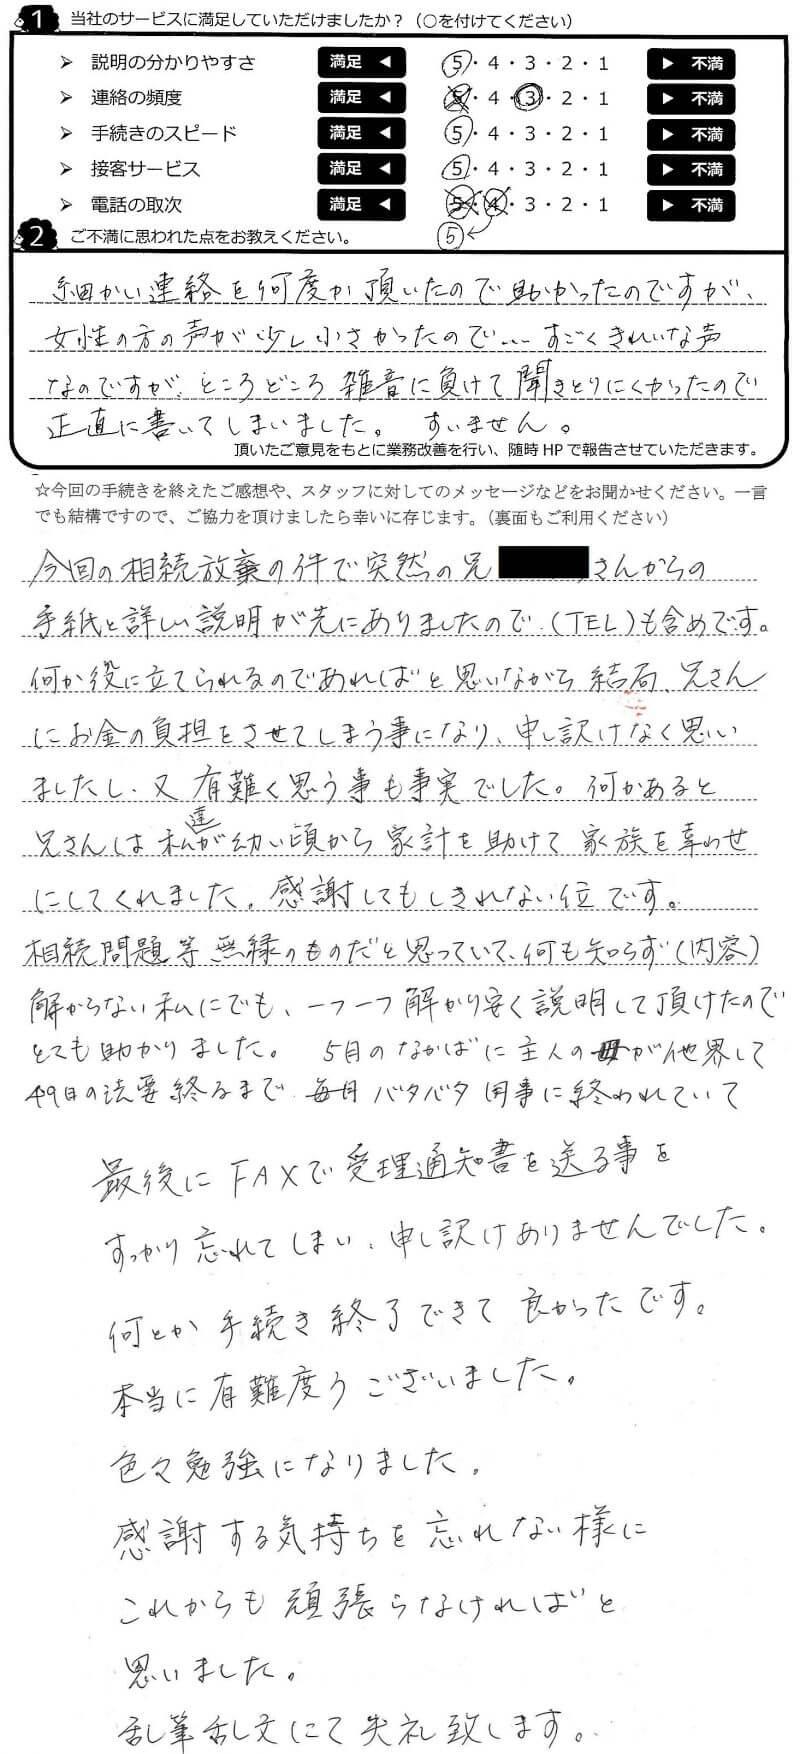 相続問題など無縁と思っていたのに…突然届いた兄からの手紙